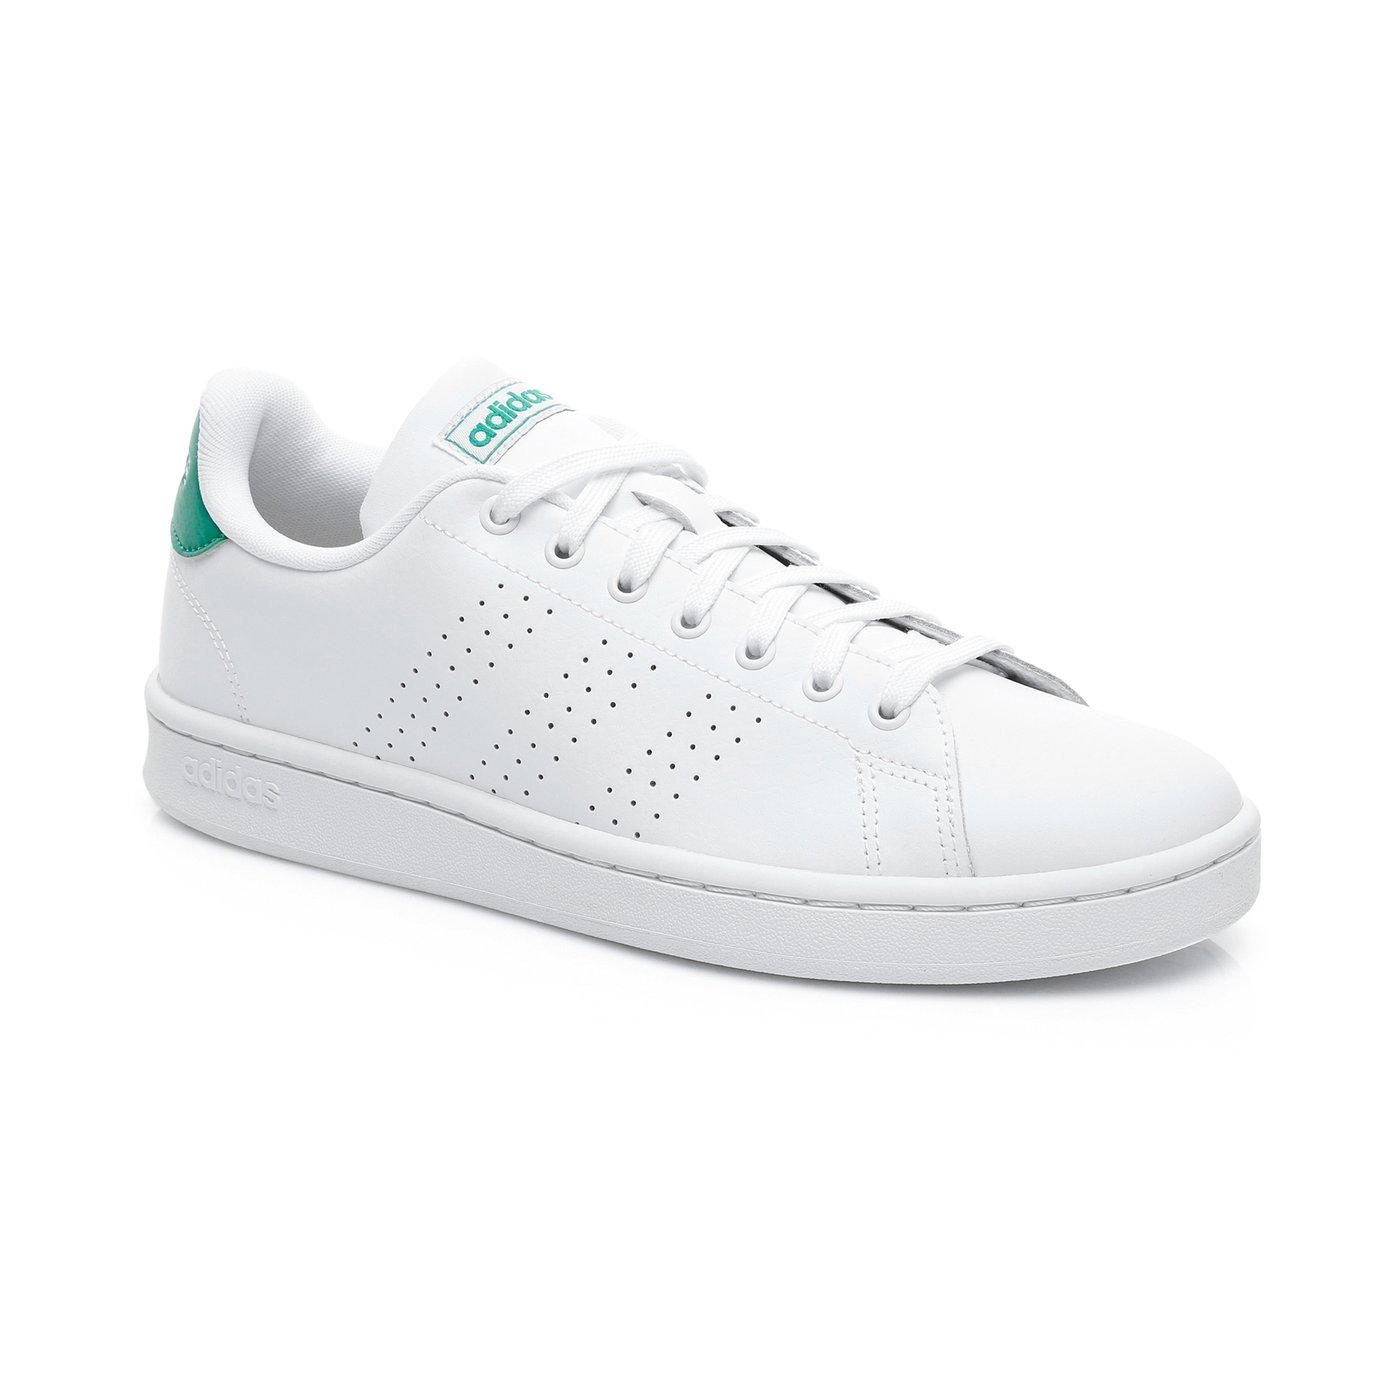 adidas Tennis Advantage Erkek Beyaz Spor Ayakkabı